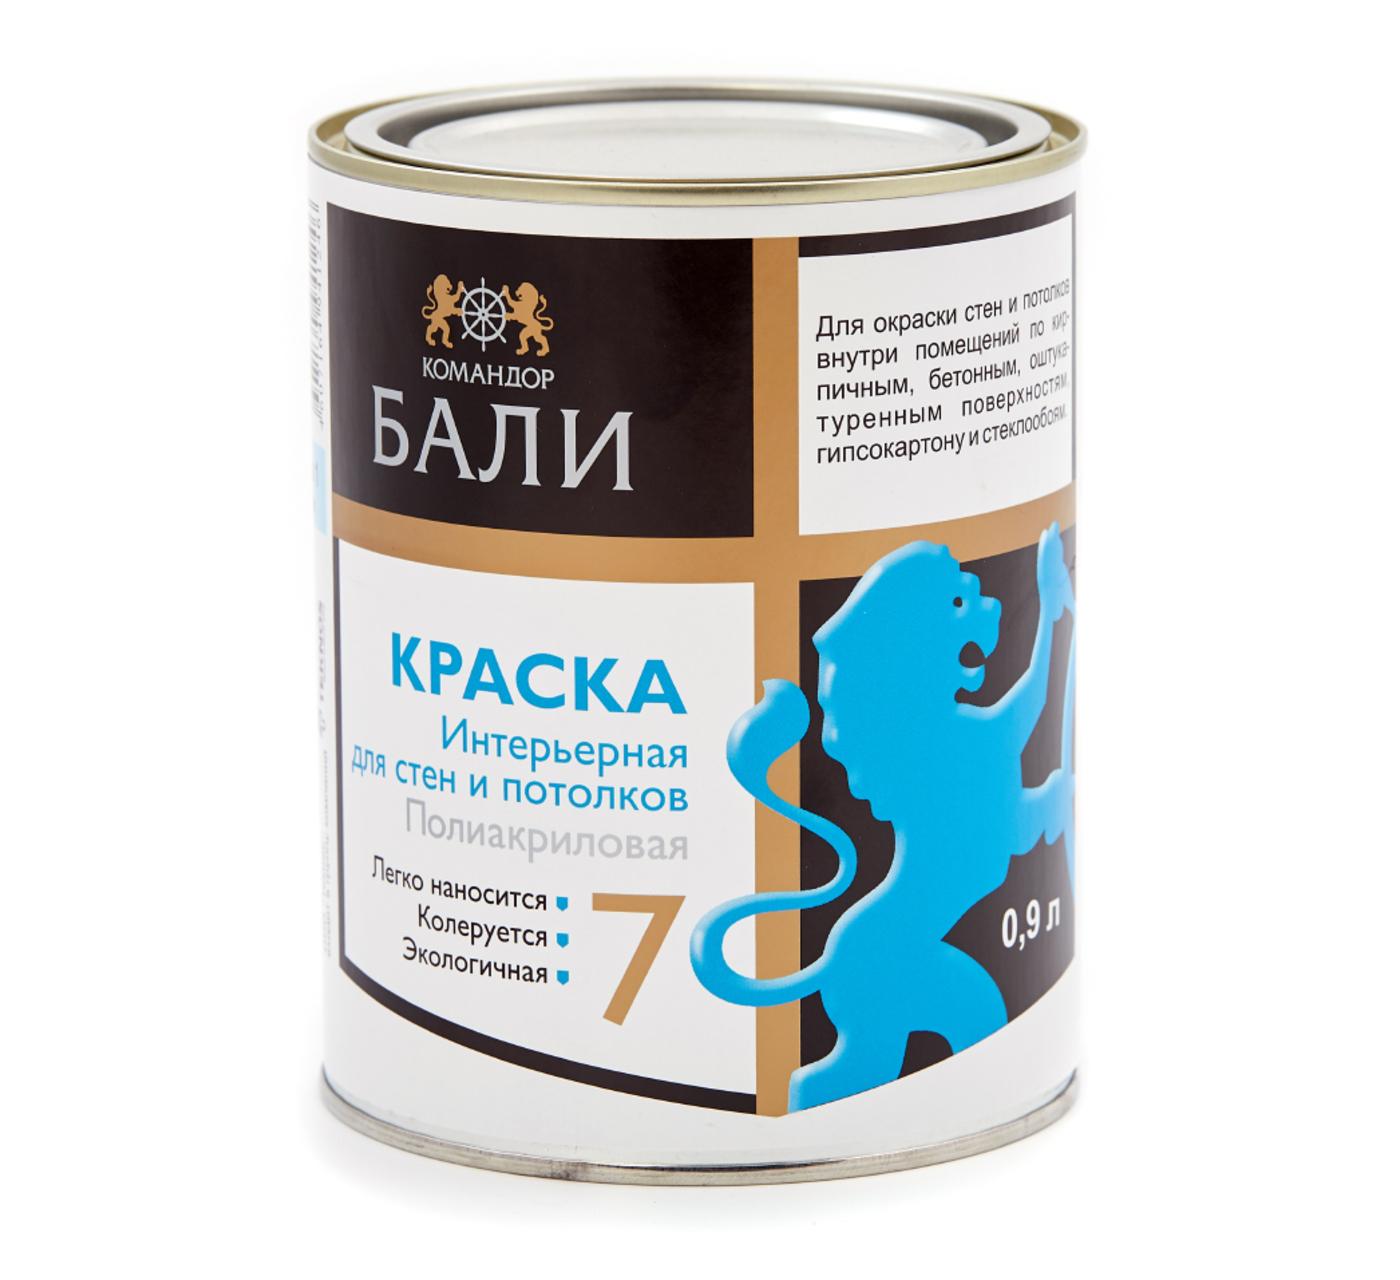 БАЛИ водно-дисперсионная полиакриловая краска для стен и потолков